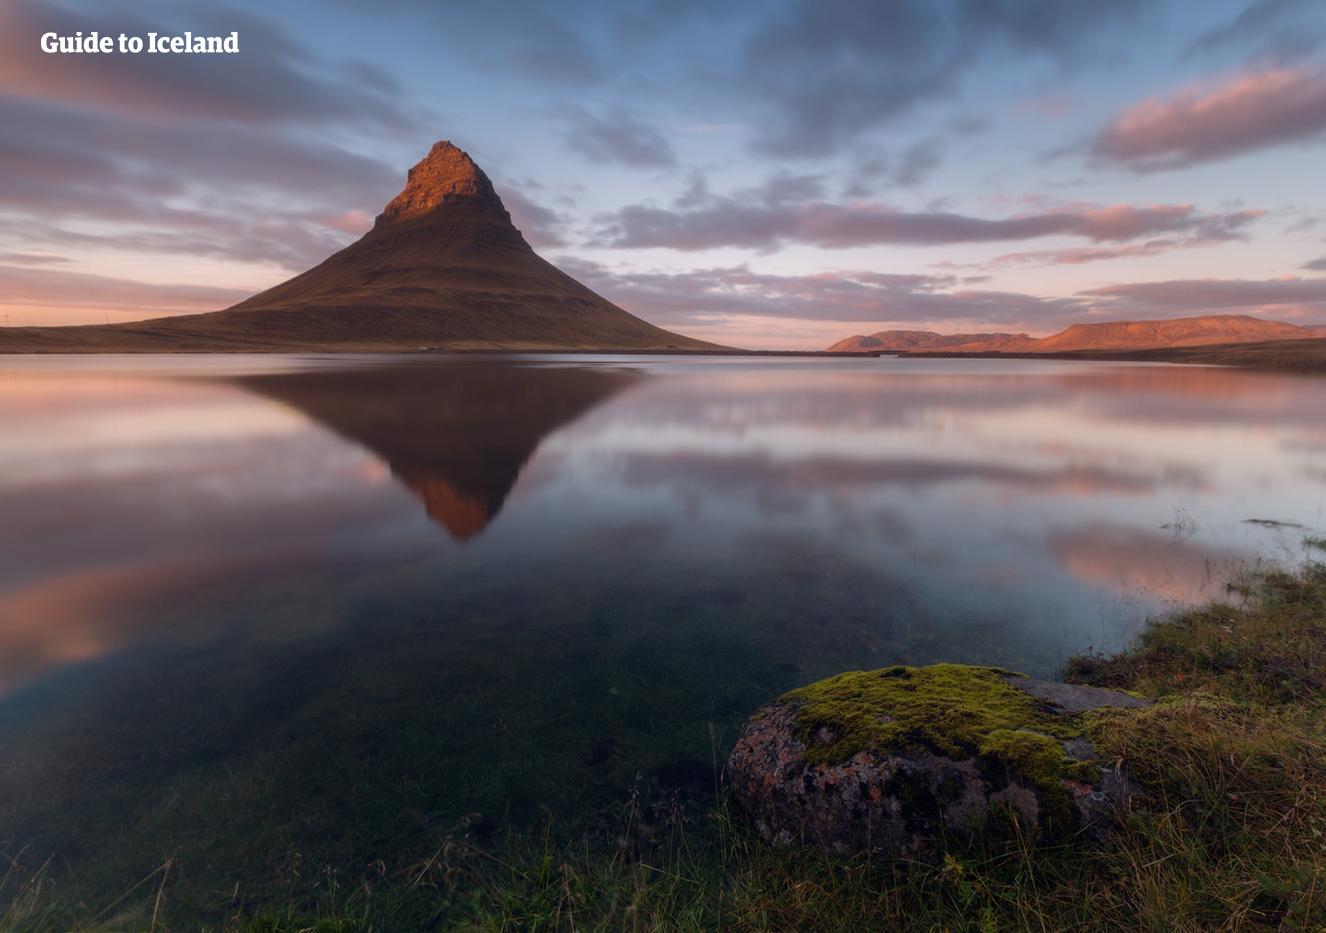 De berg Kirkjufell weerspiegeld in een meer tijdens een midzomernacht in IJsland.